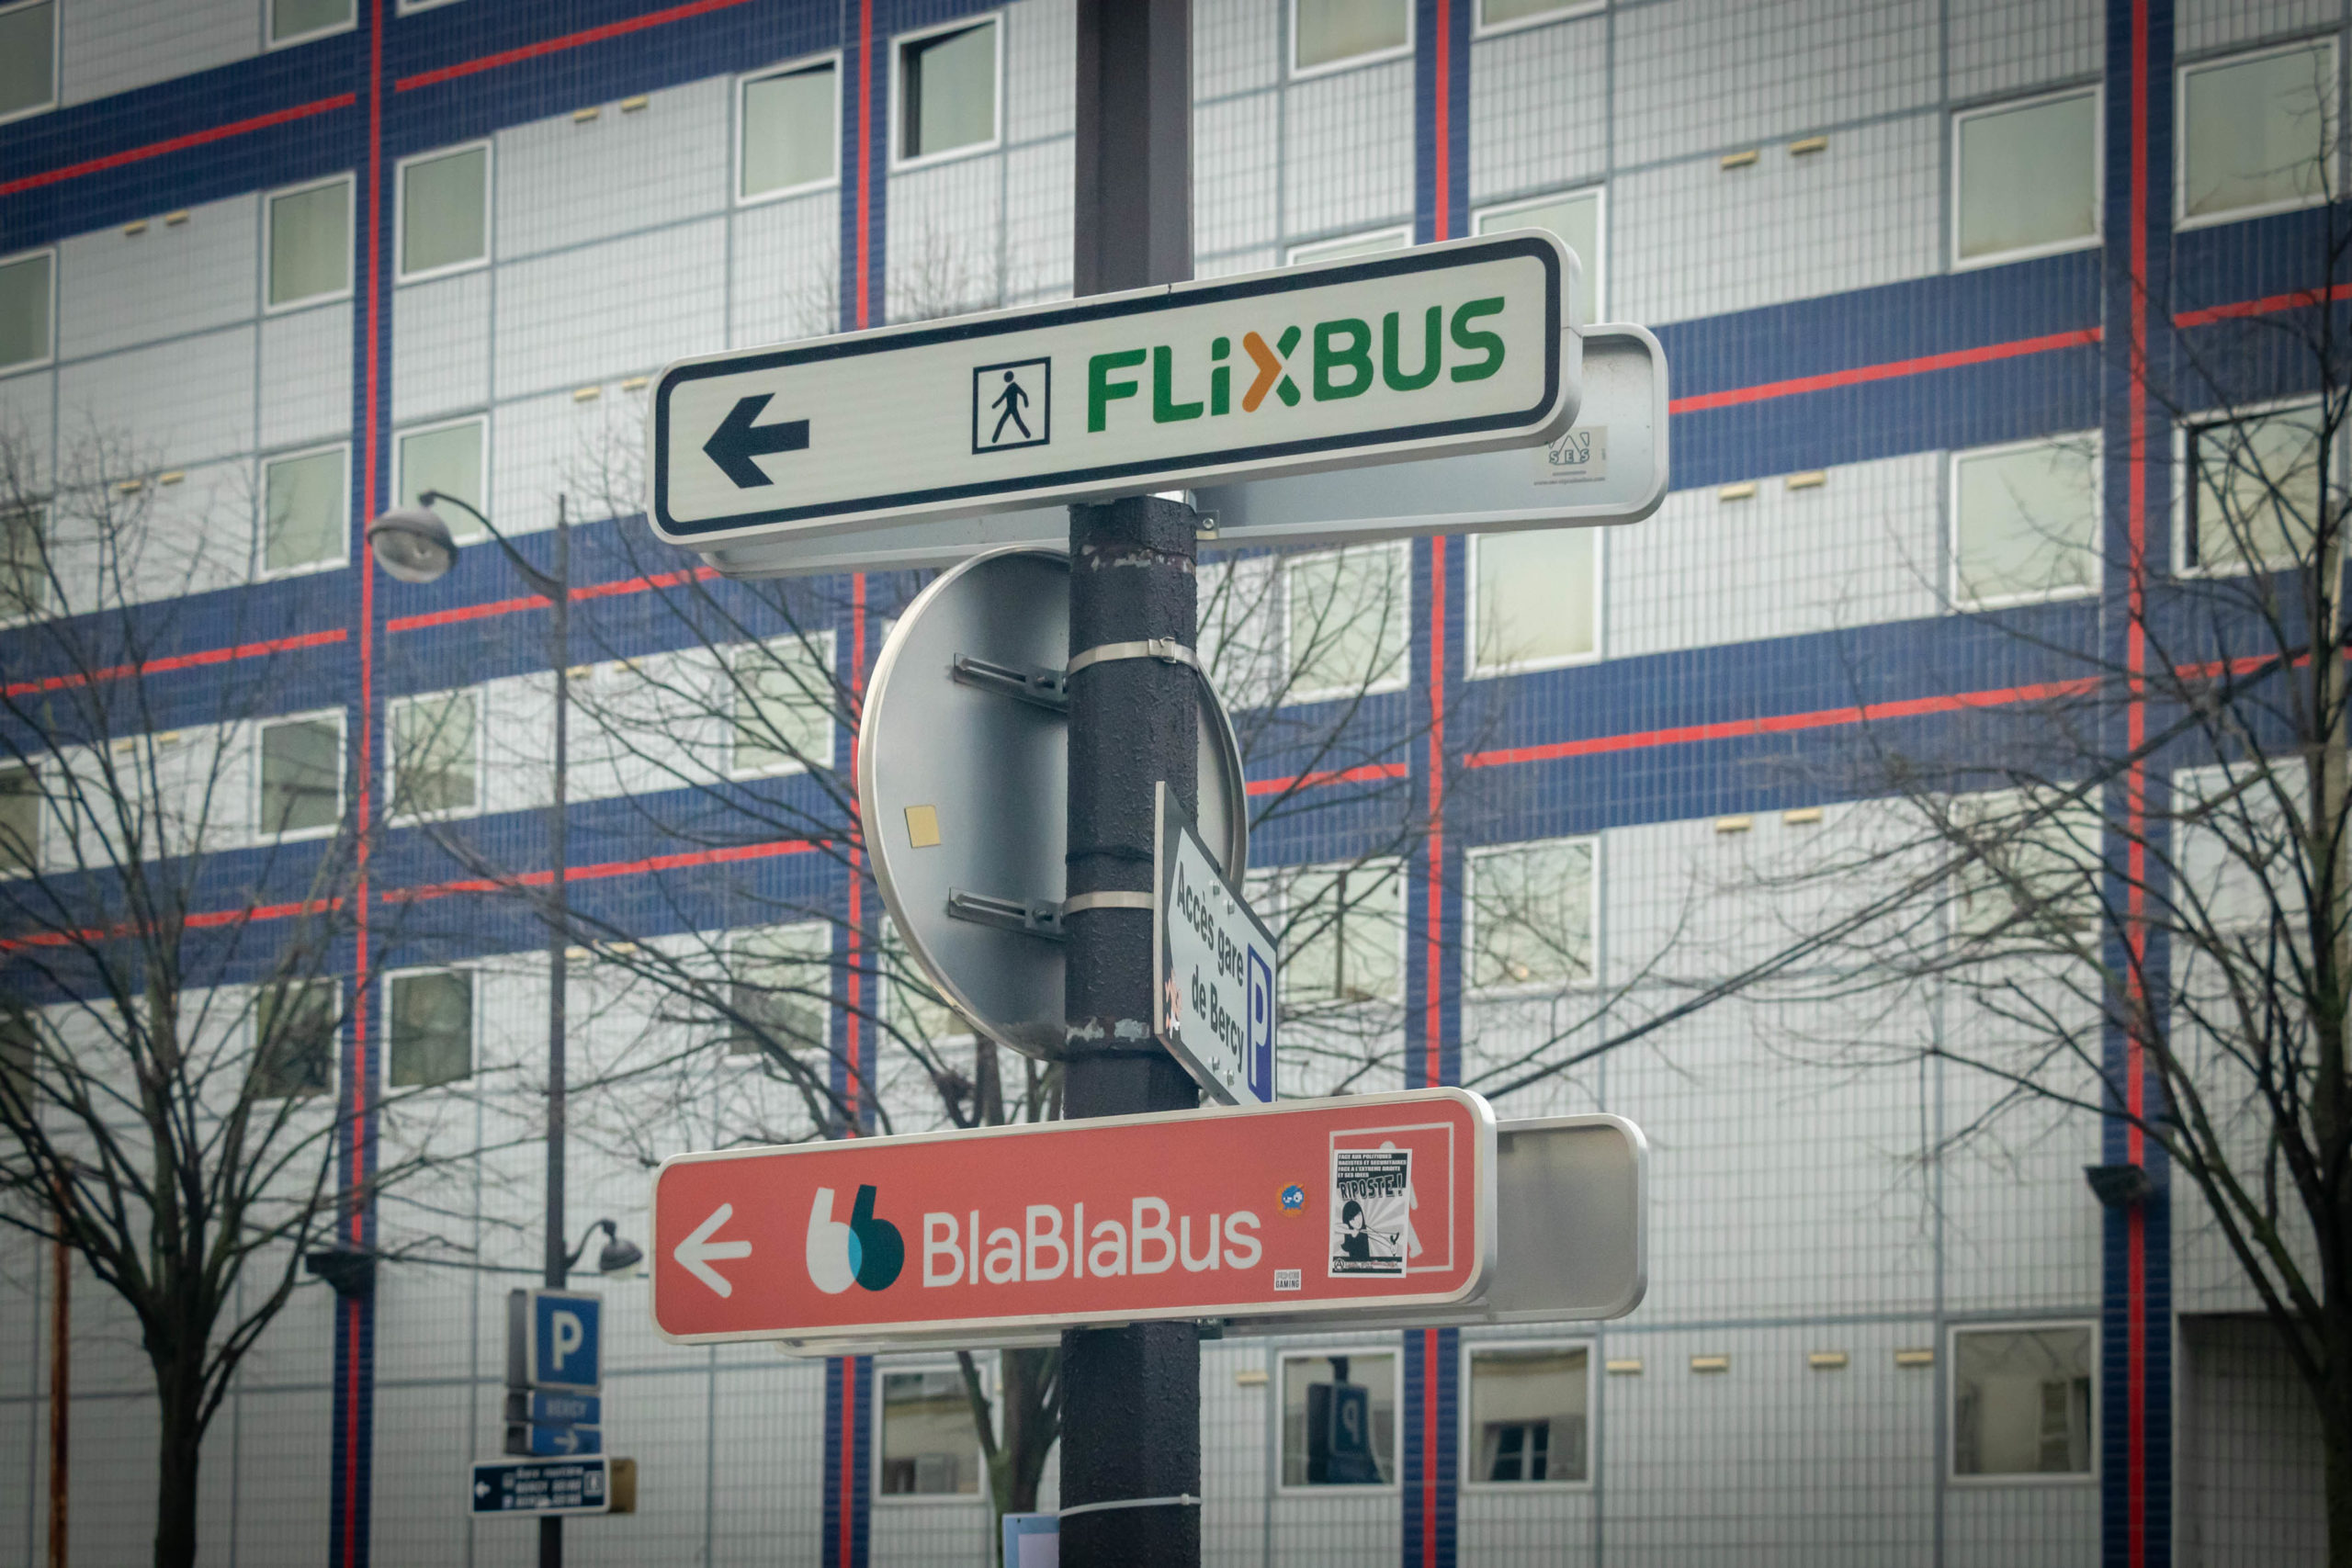 Sign indicating the stop location of two bus companies. Paris, Gare de Bercy, January 25th, 2020.Panneau indiquant le lieu de l'arrêt de deux compagnies de bus. Paris, Gare de Bercy, 25 janvier 2020.